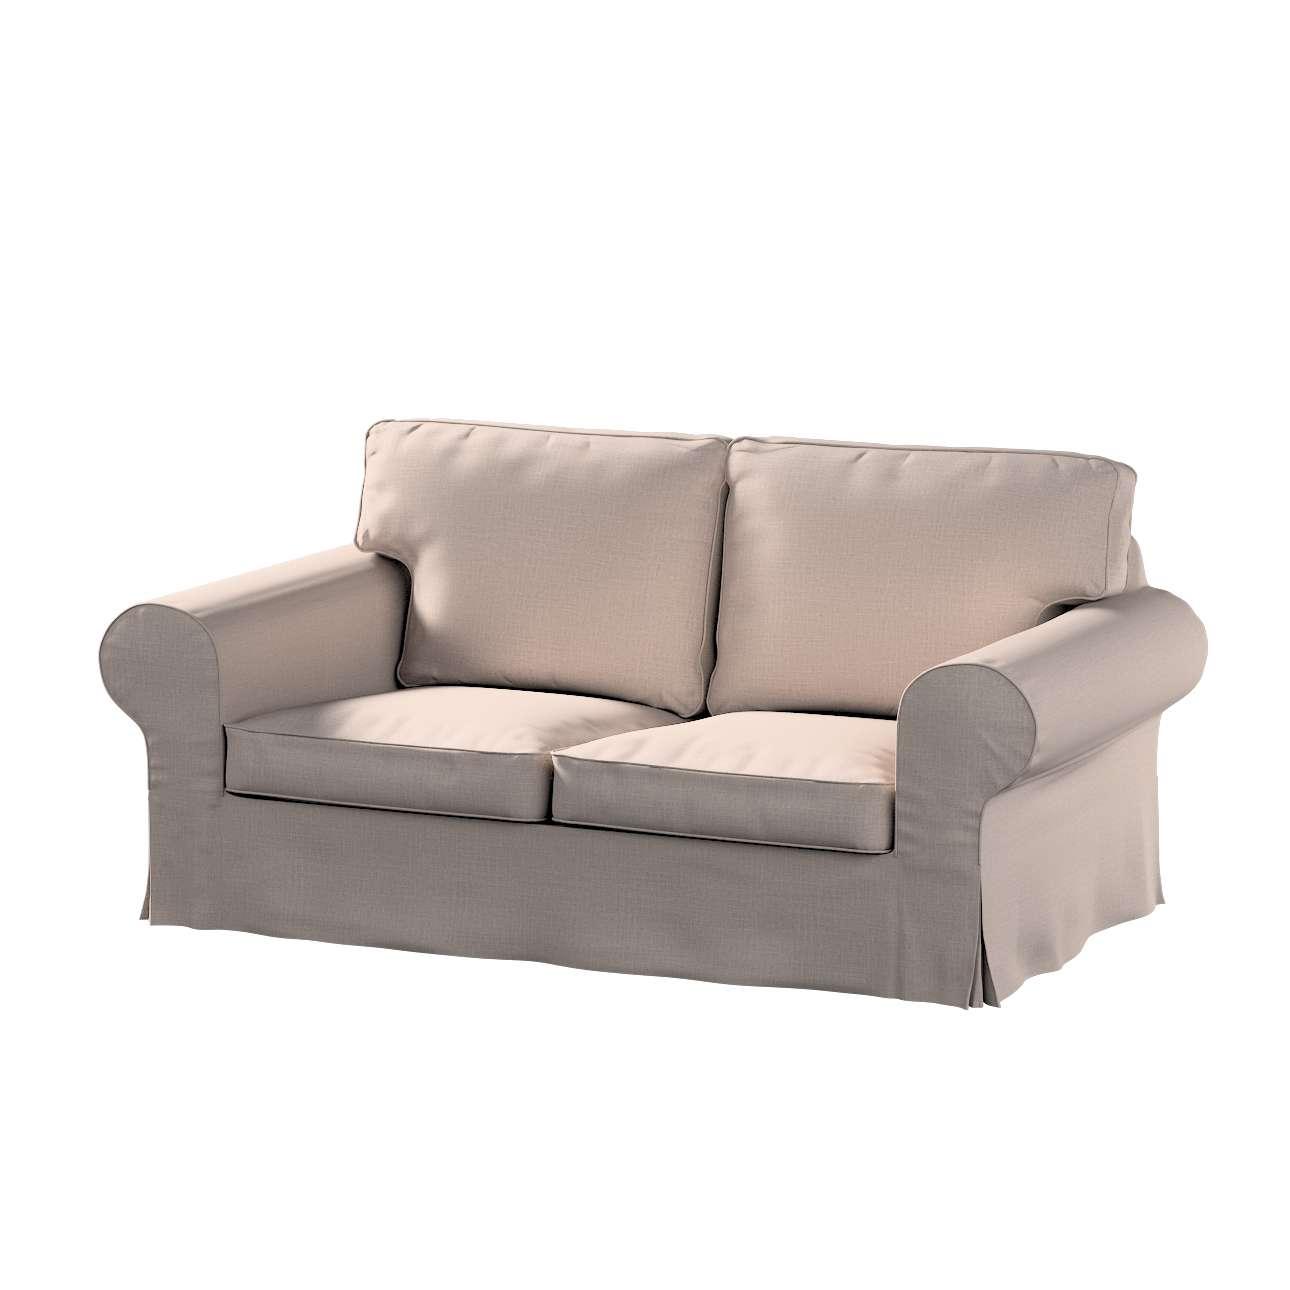 Bezug für Ektorp 2-Sitzer Schlafsofa ALTES Modell von der Kollektion Living II, Stoff: 160-85